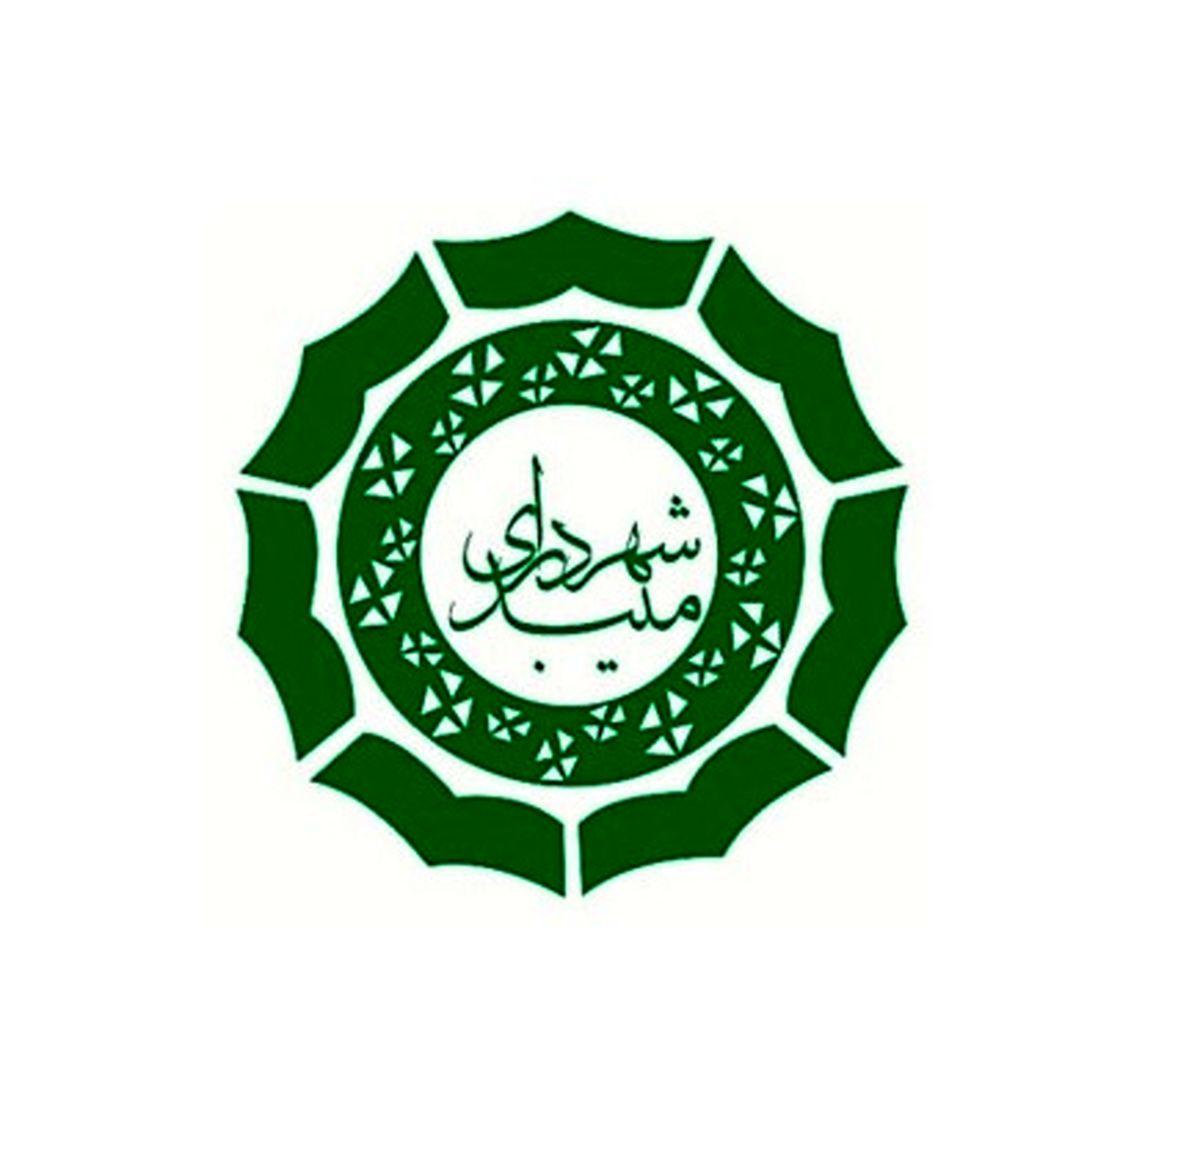 پیام تبریک شهردار میبد و رئیس شورای اسلامی شهر میبد